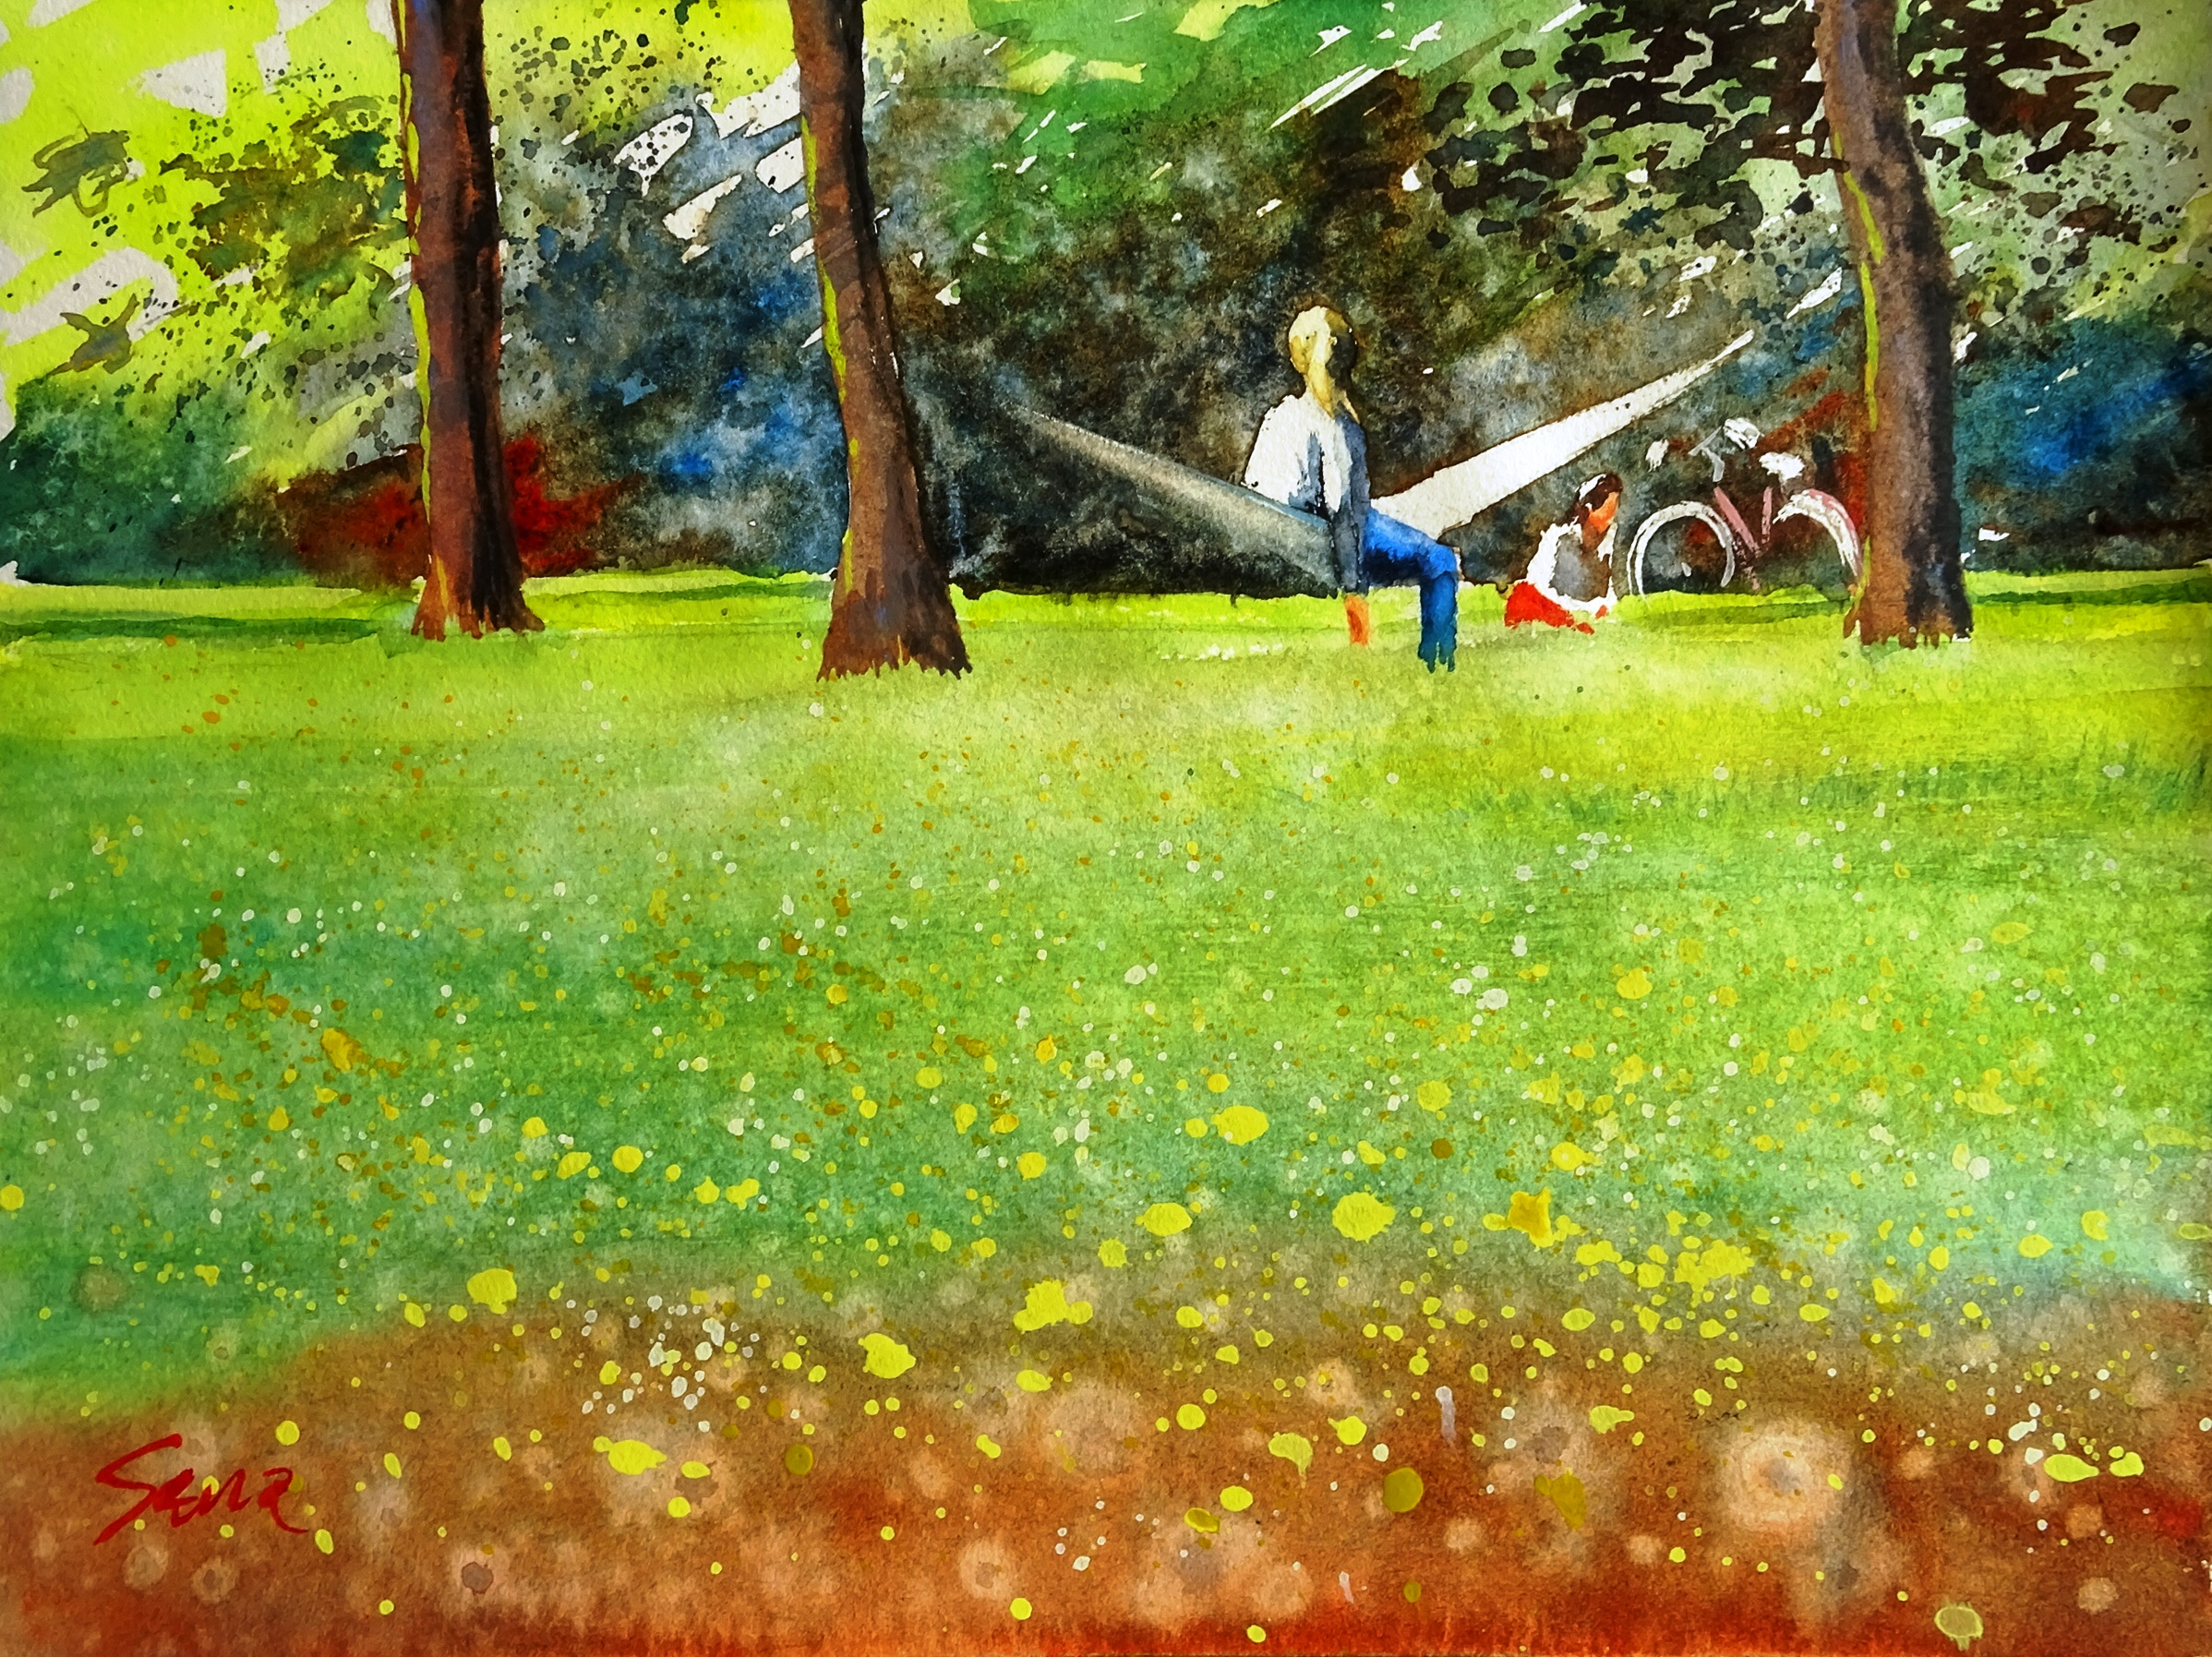 Nachmittag im Park